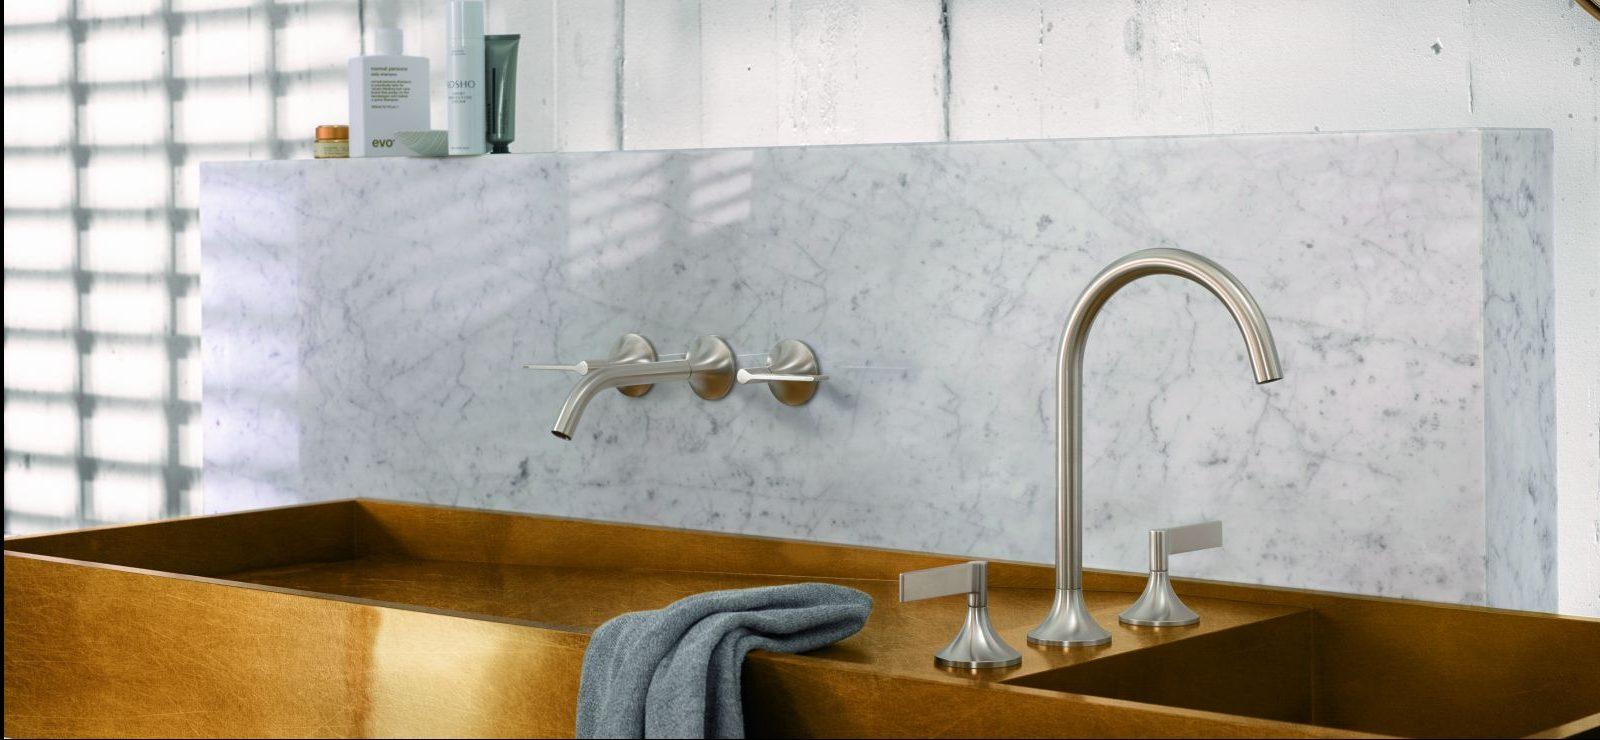 Großes goldenes Waschbecken mit silbernen Wasserhähnen